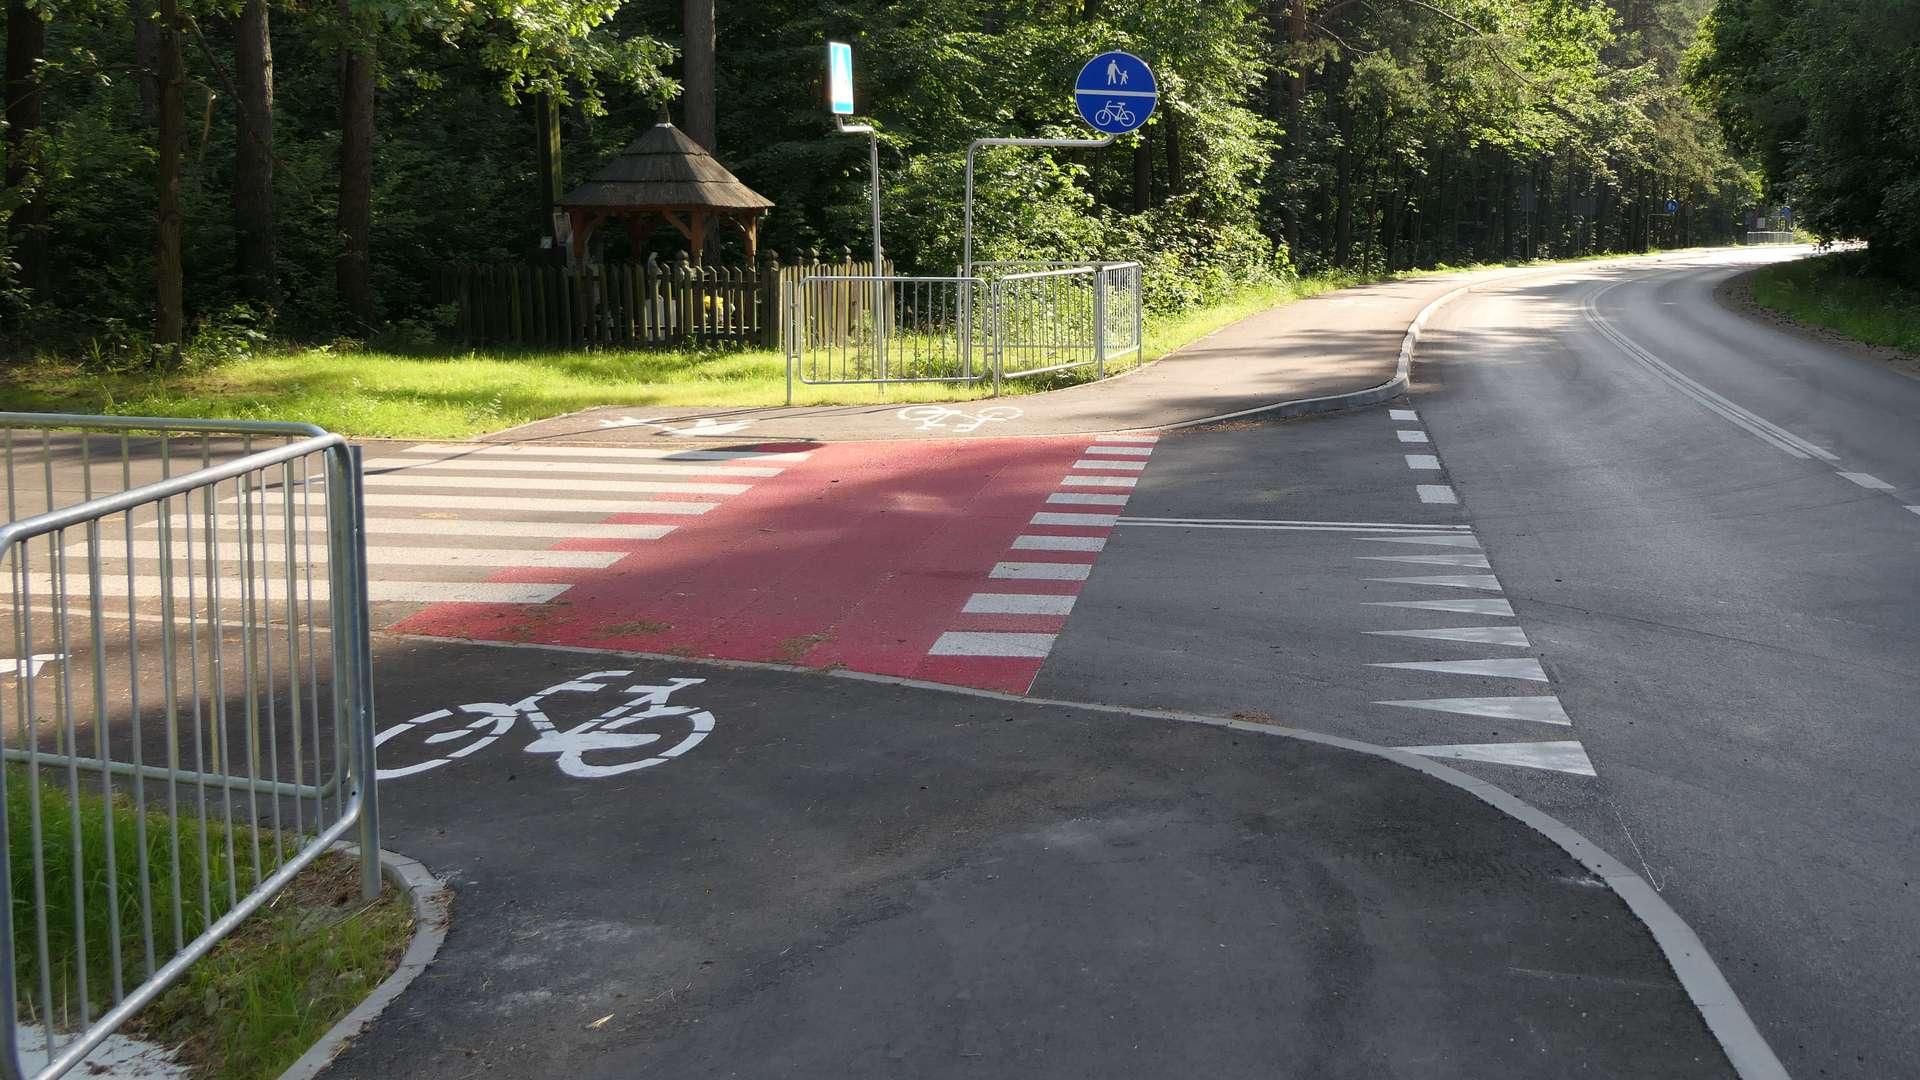 Trasa rowerowa poprowadzona wzdłuż drogi samochodowej.